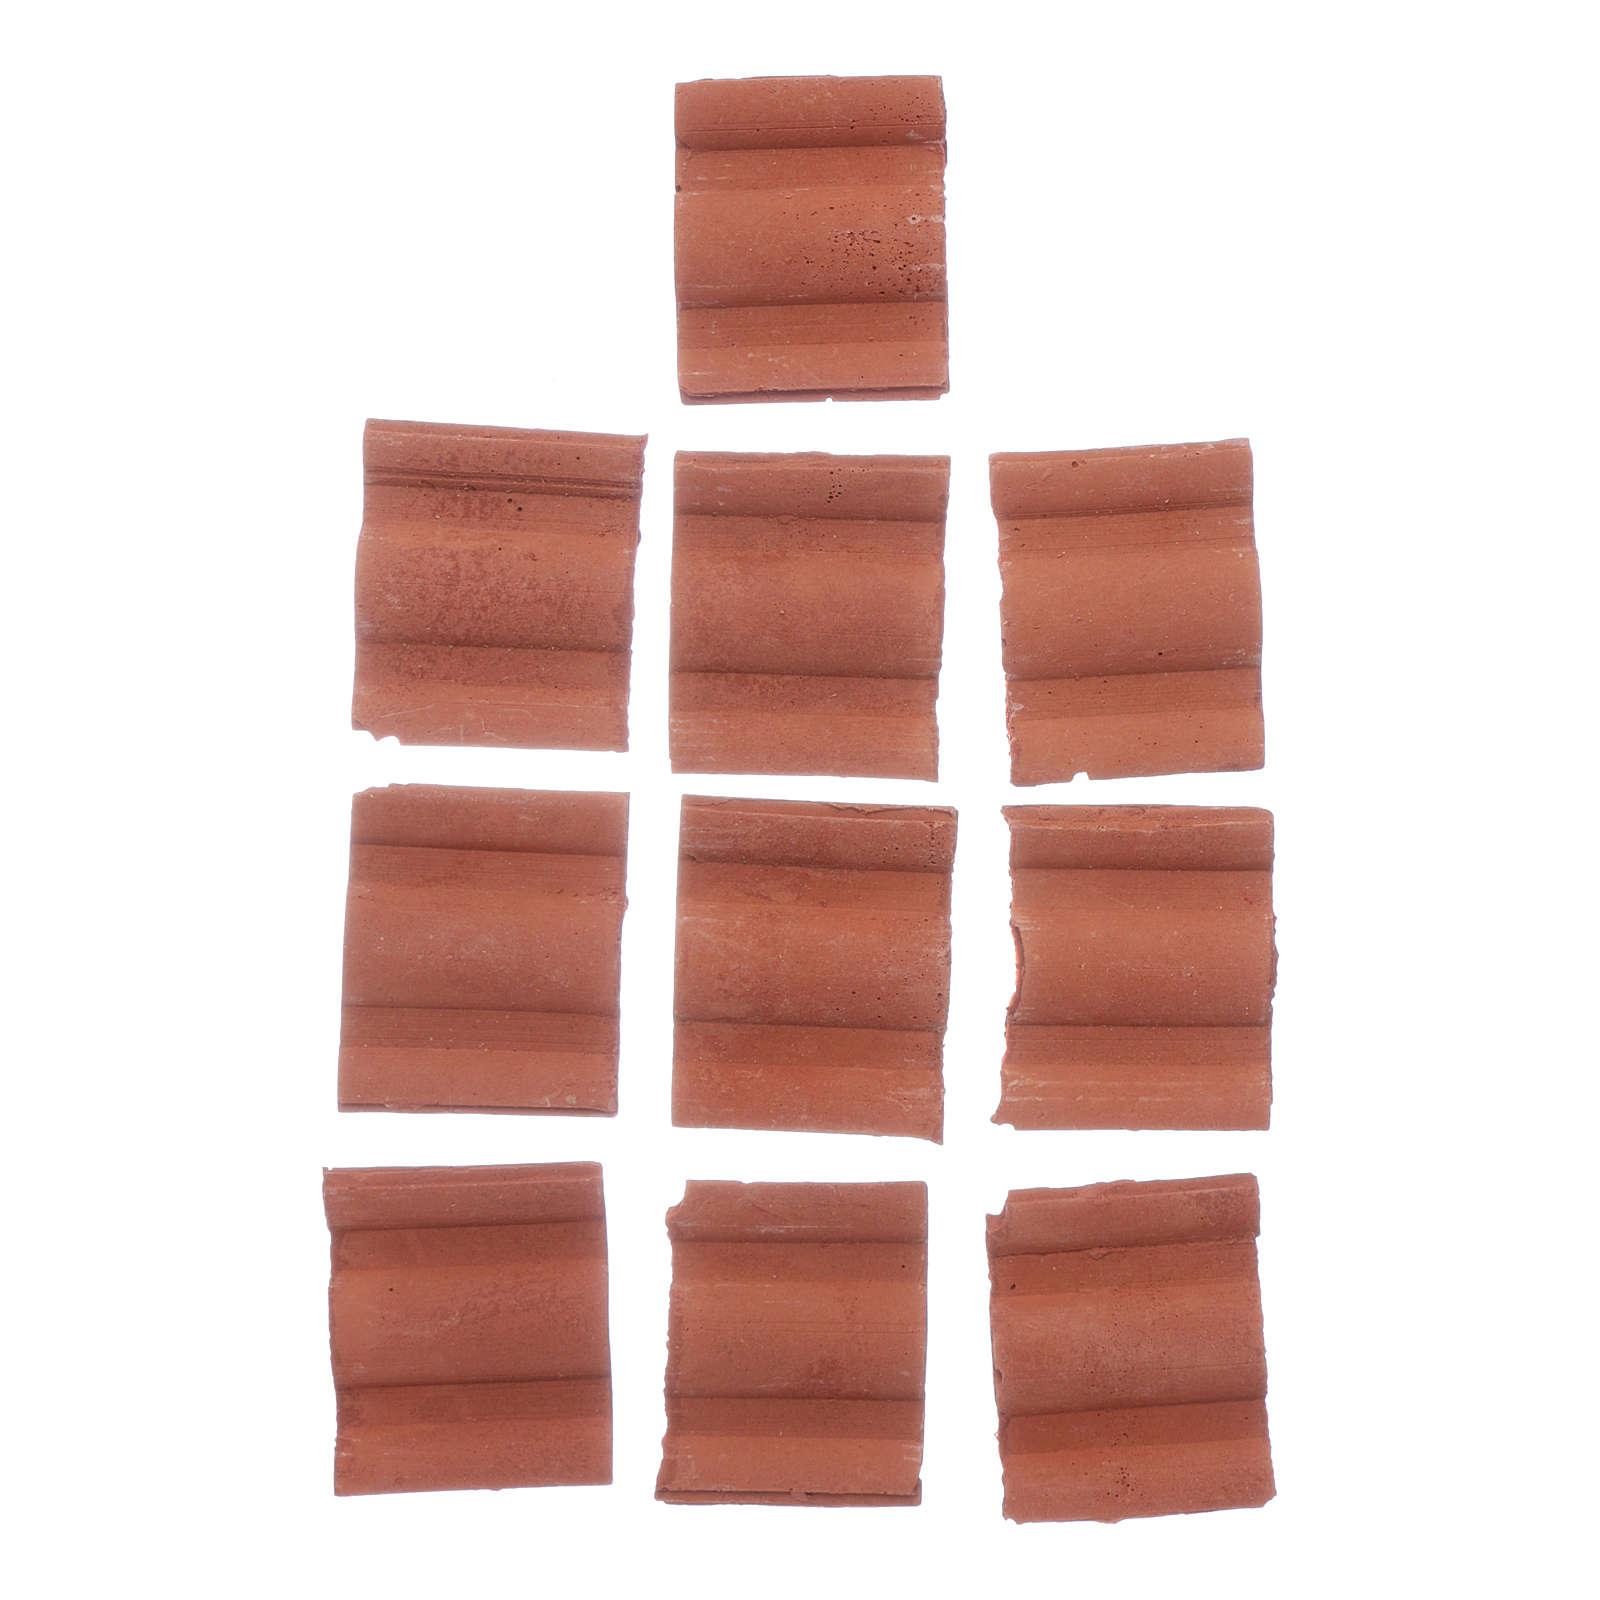 Tegola doppia onda stile romano - set 10 pezzi 4